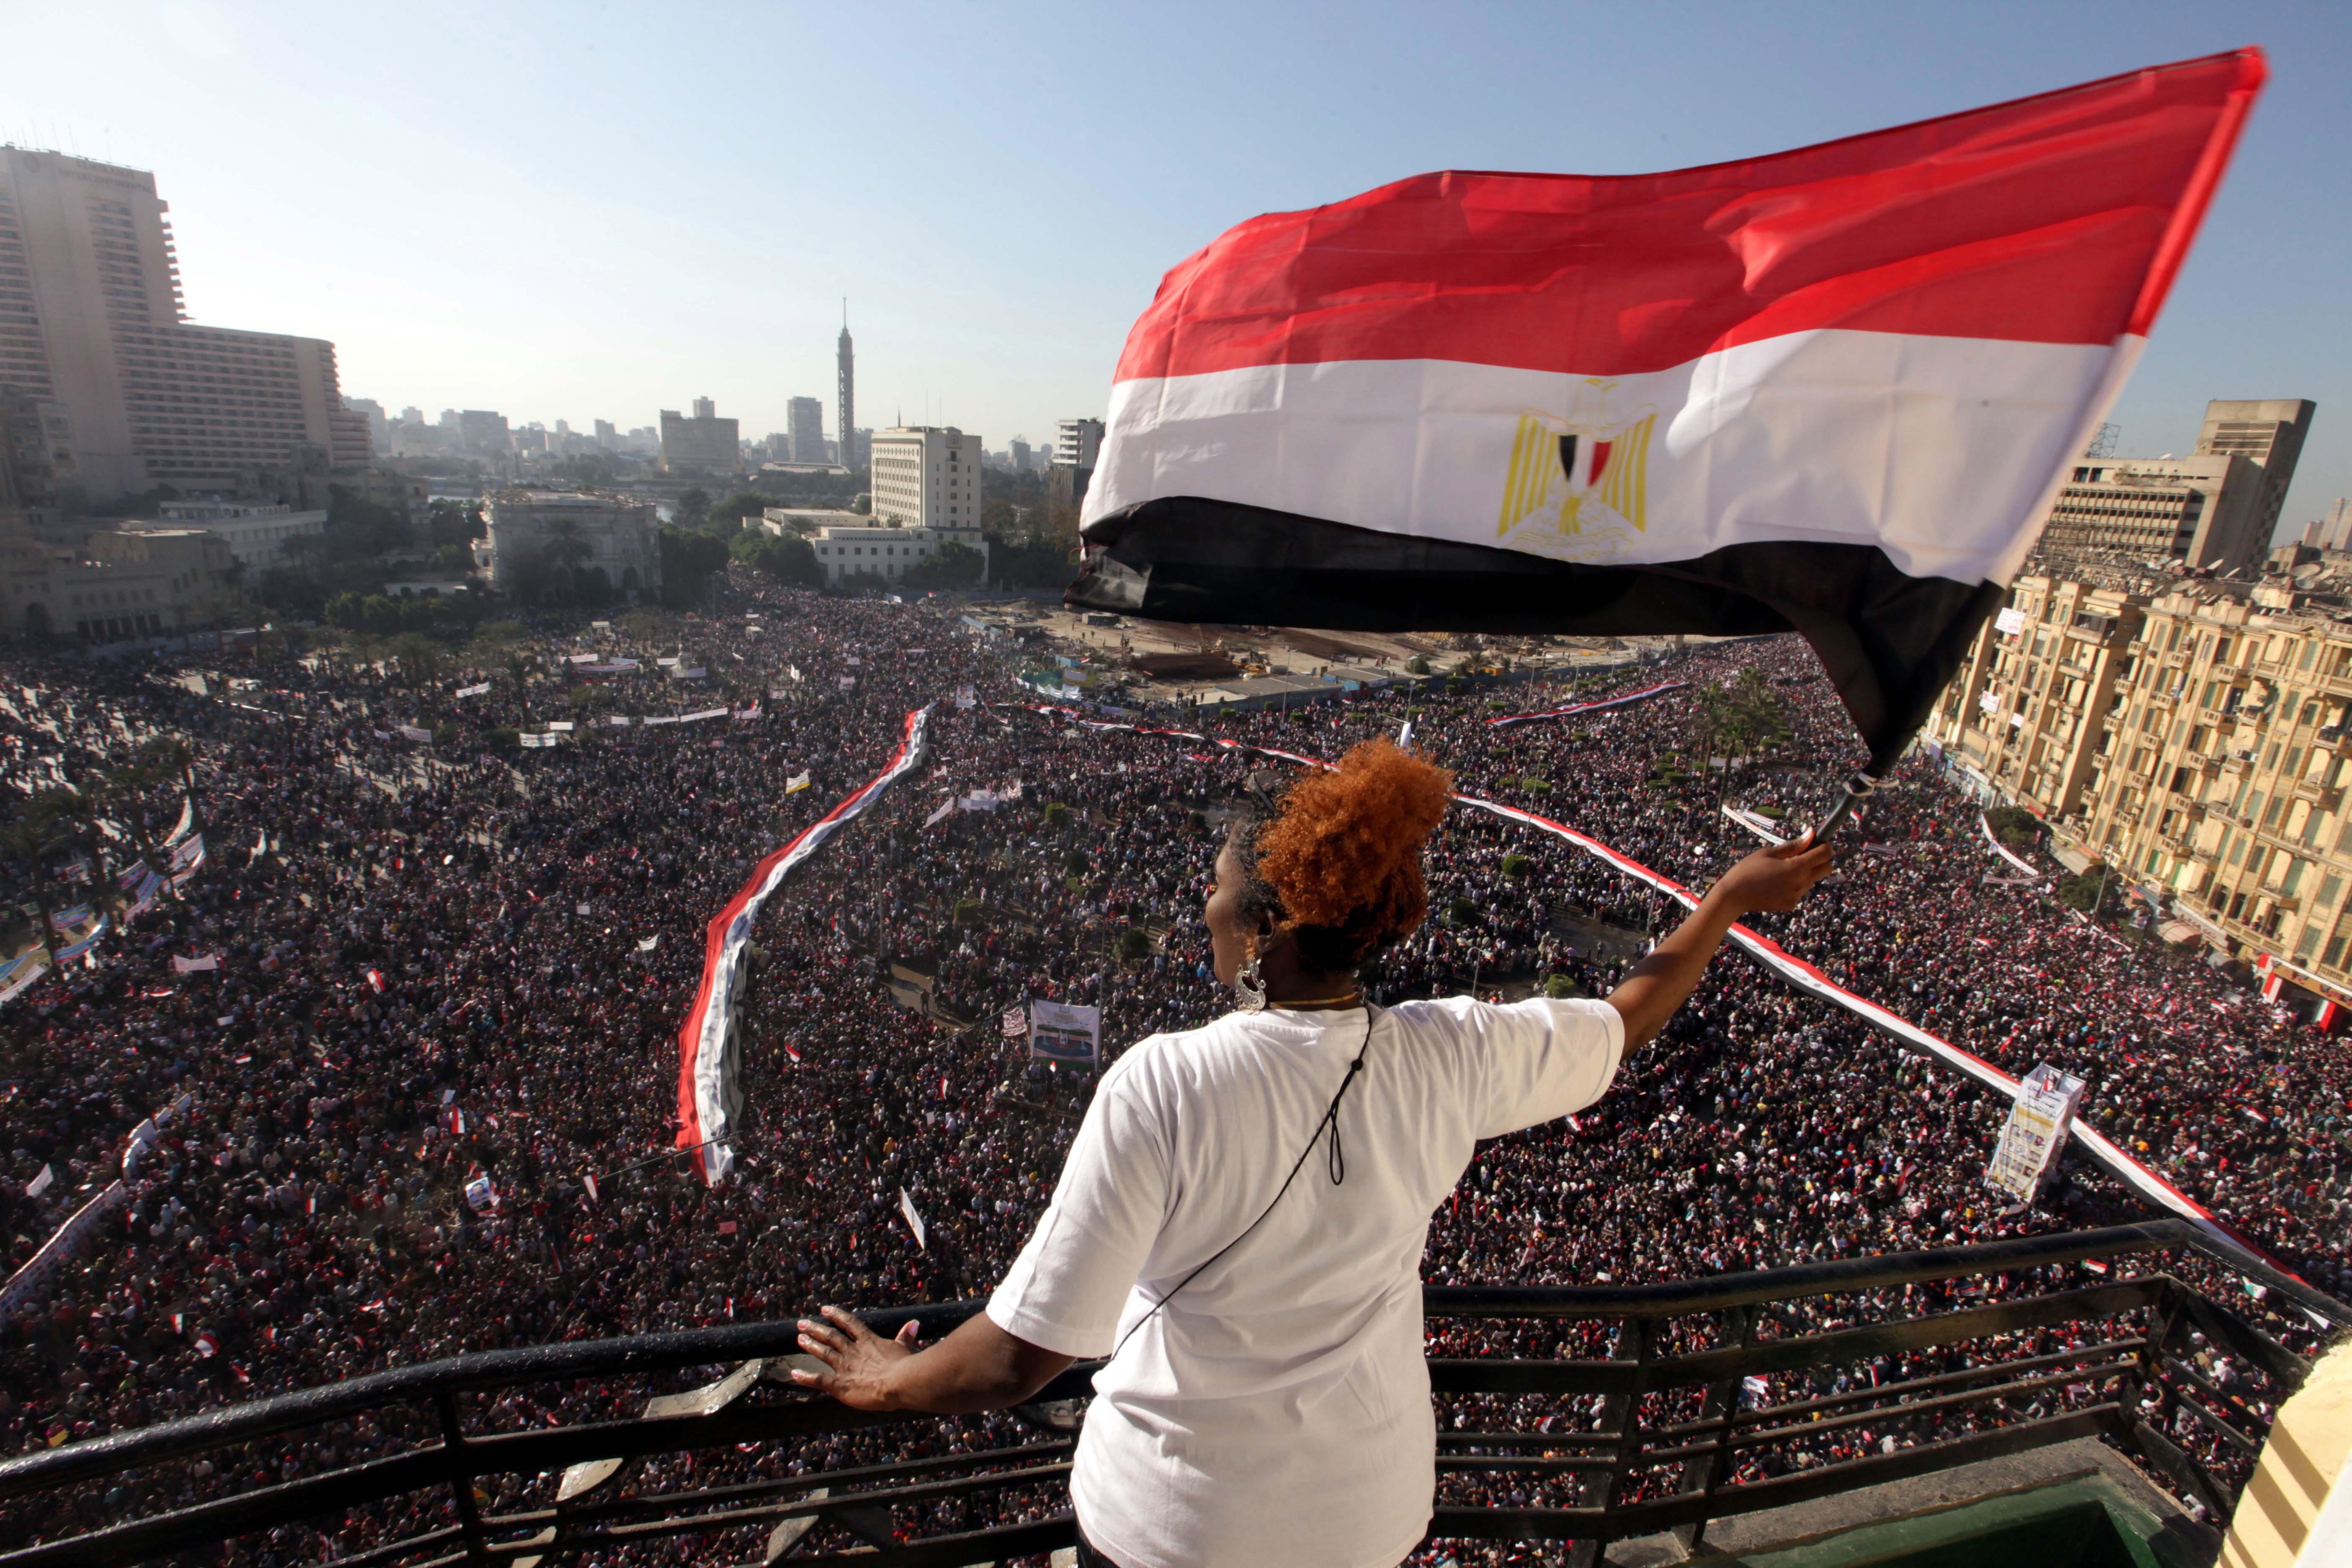 میدان تحریر ، در جریان اعتراضات سال 2011